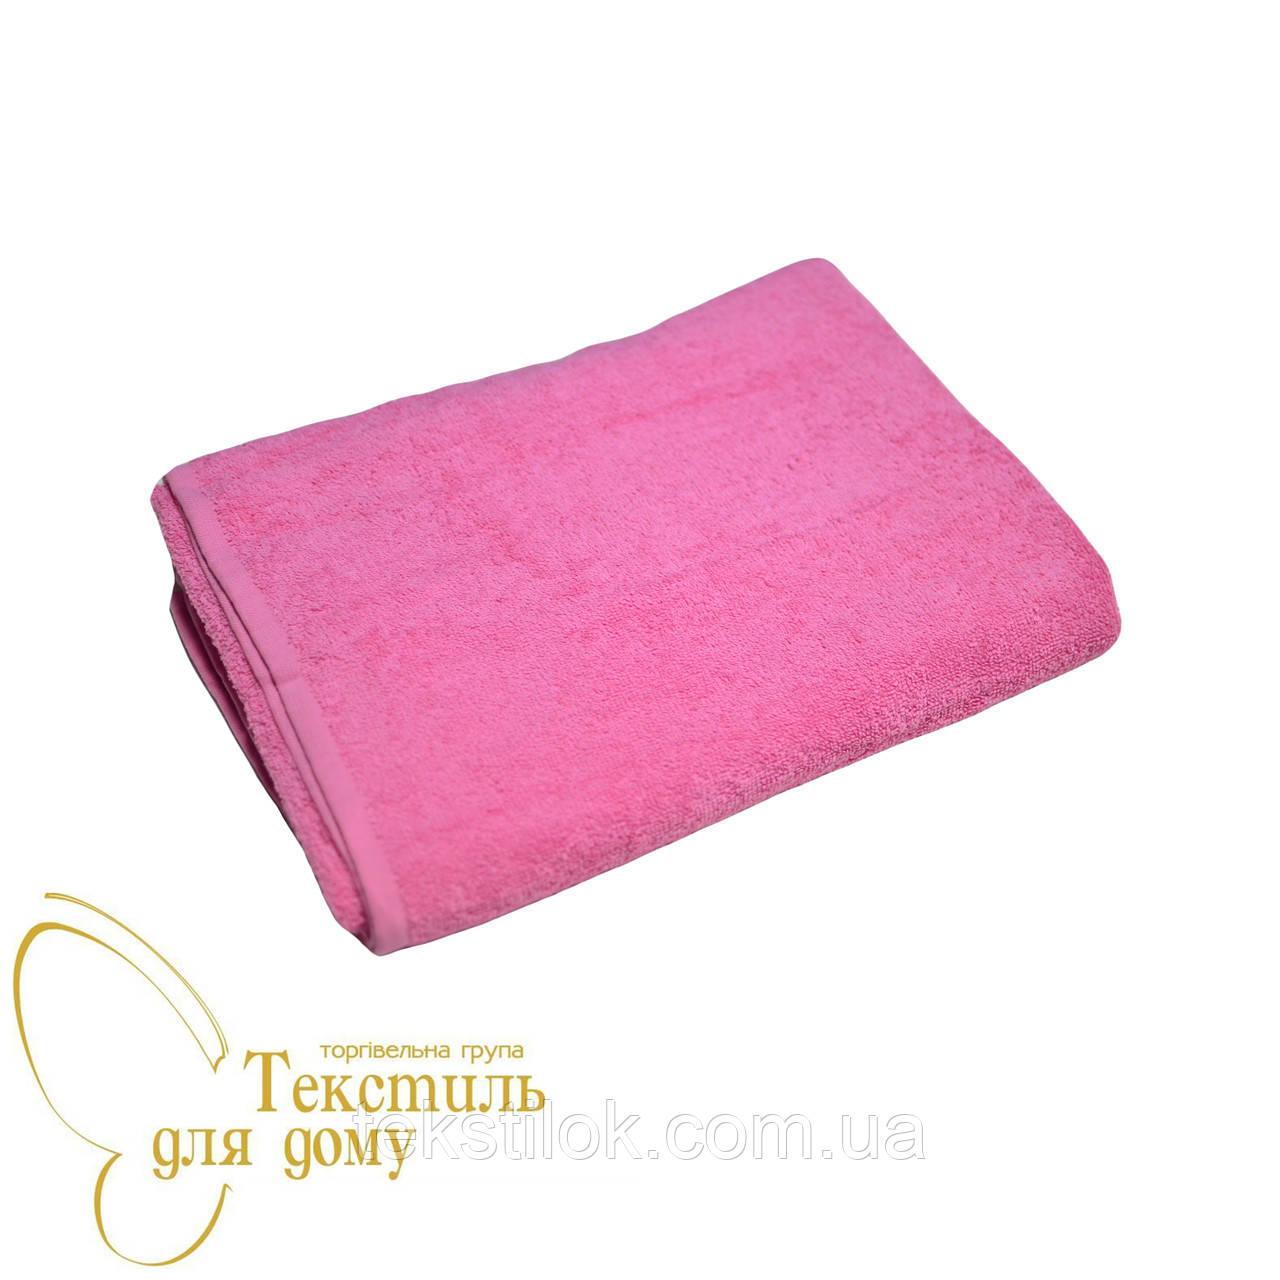 Полотенце банное 70*140, розовый